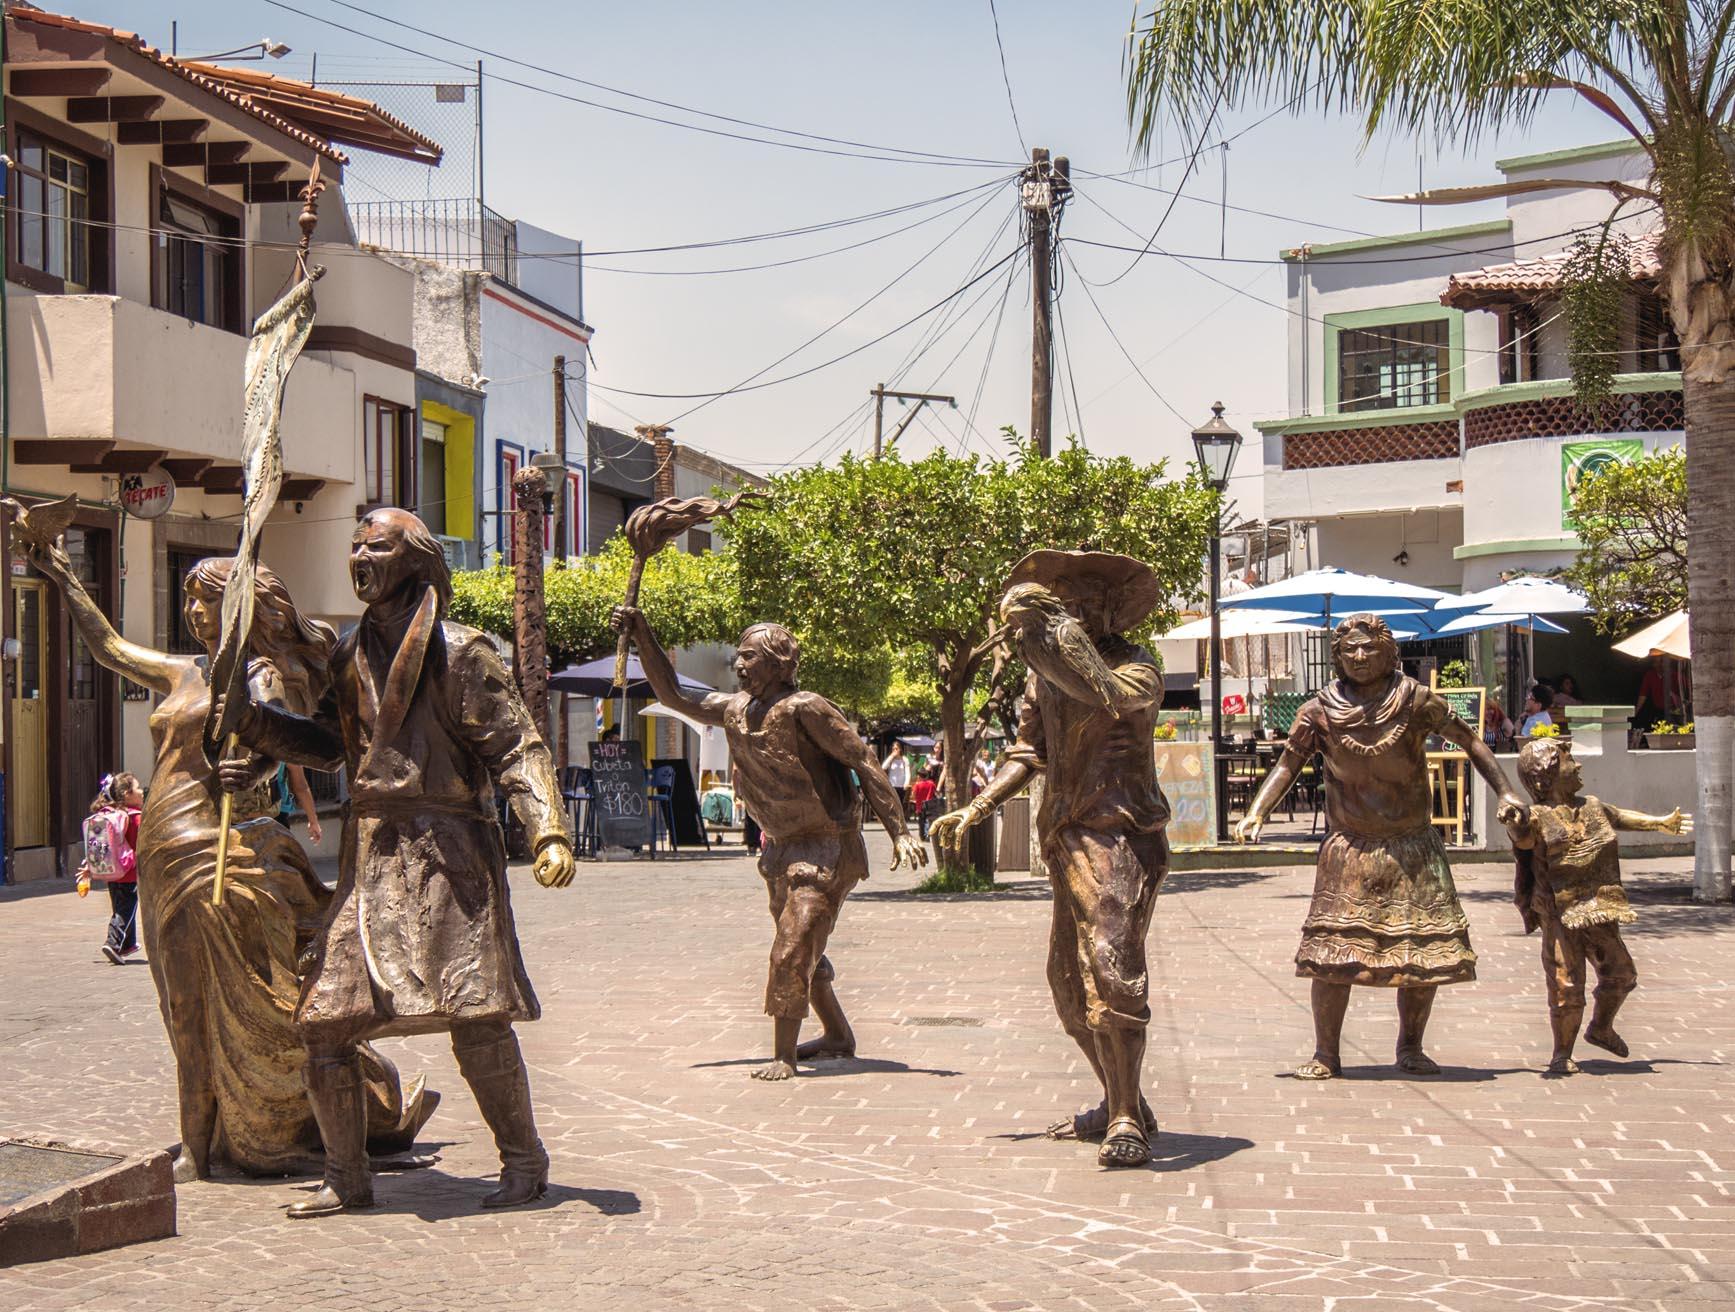 Mariachi in Tlaquepaque, Jalisco